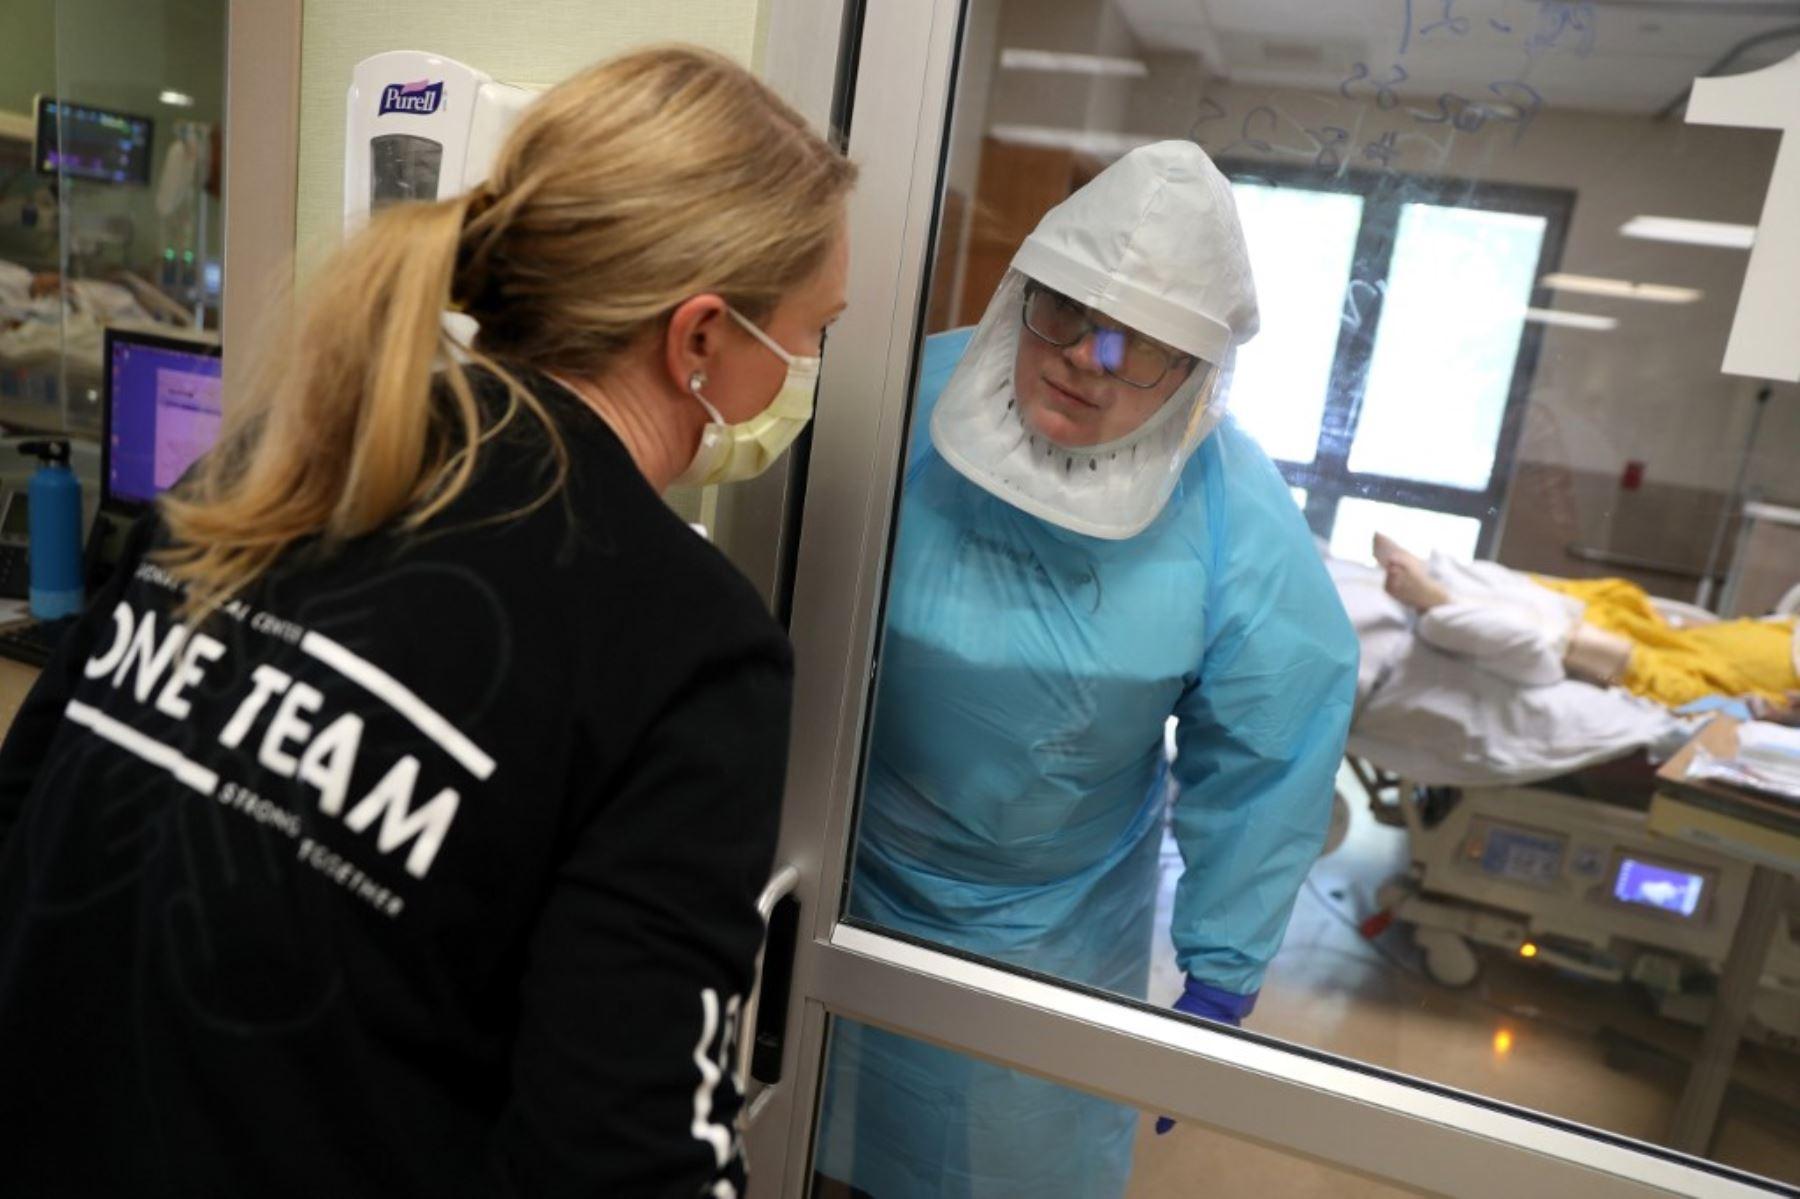 Un médico habla con una enfermera a través de una puerta de vidrio mientras atiende a un paciente con coronavirus COVID-19 en la unidad de cuidados intensivos (UCI) en el Centro Médico Regional en San José, California. Foto: AFP